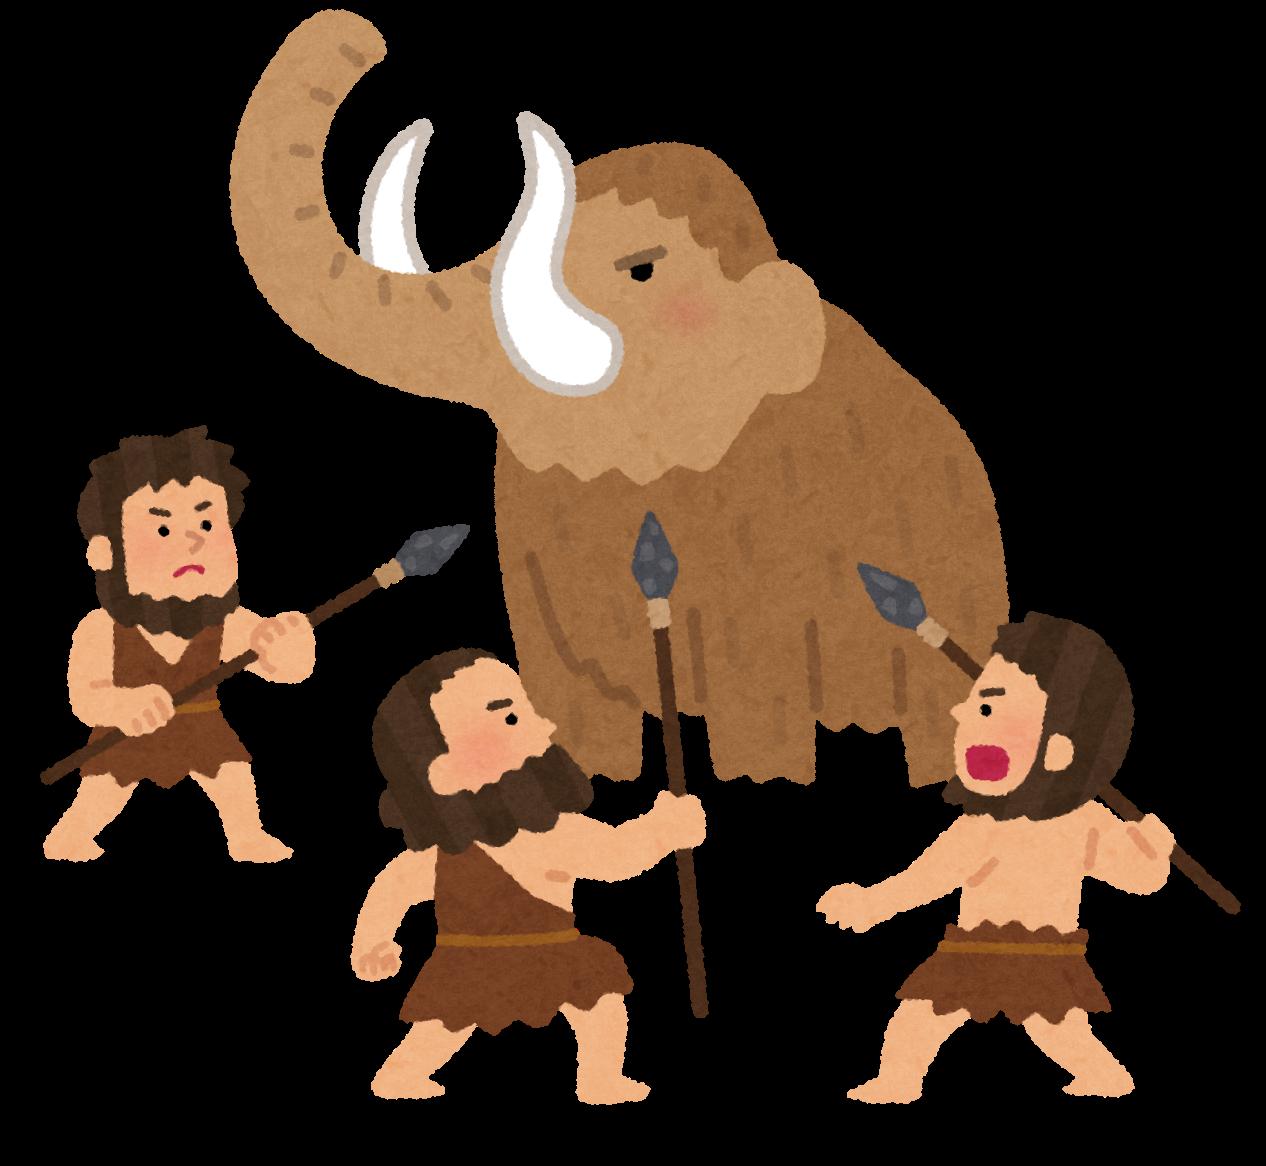 マンモスと戦う原始人のイラスト かわいいフリー素材集 いらすとや